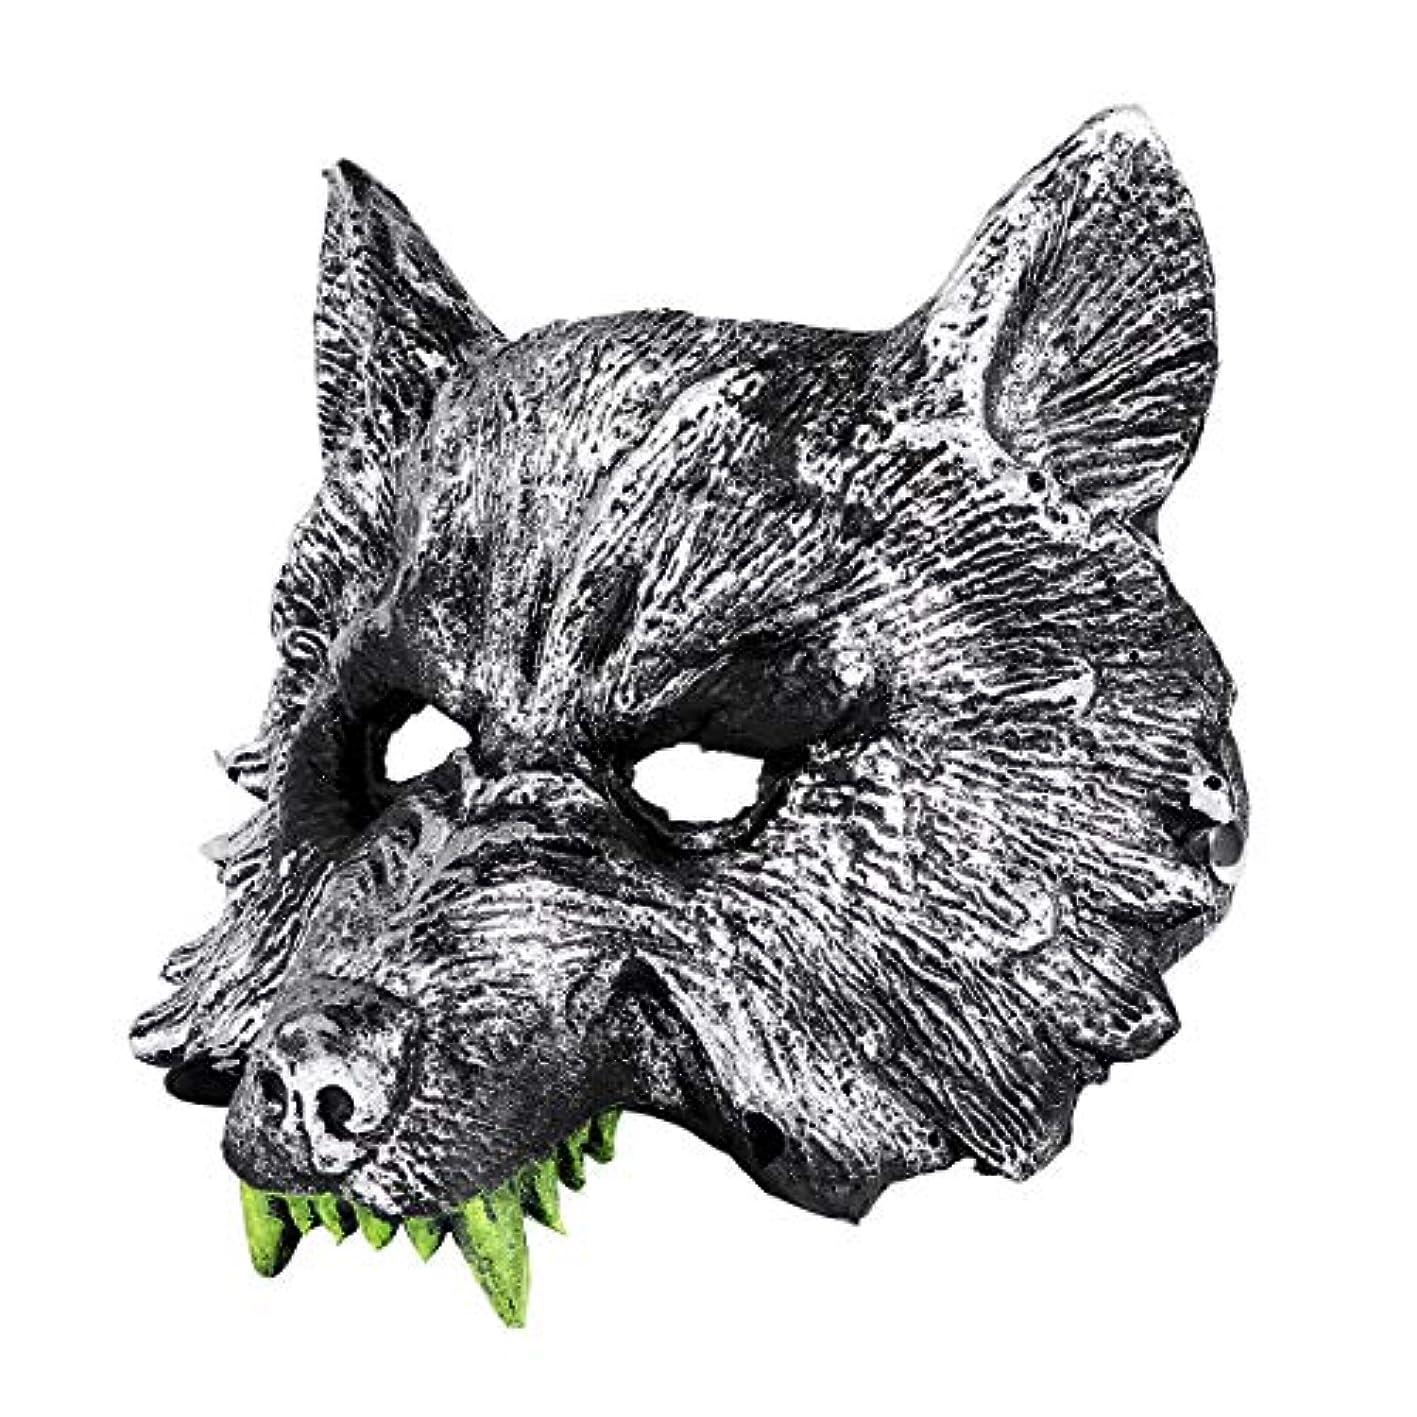 コスプレハロウィーン仮装のためのNUOLUX灰色オオカミヘッドマスクファンシードレスパーティー小道具